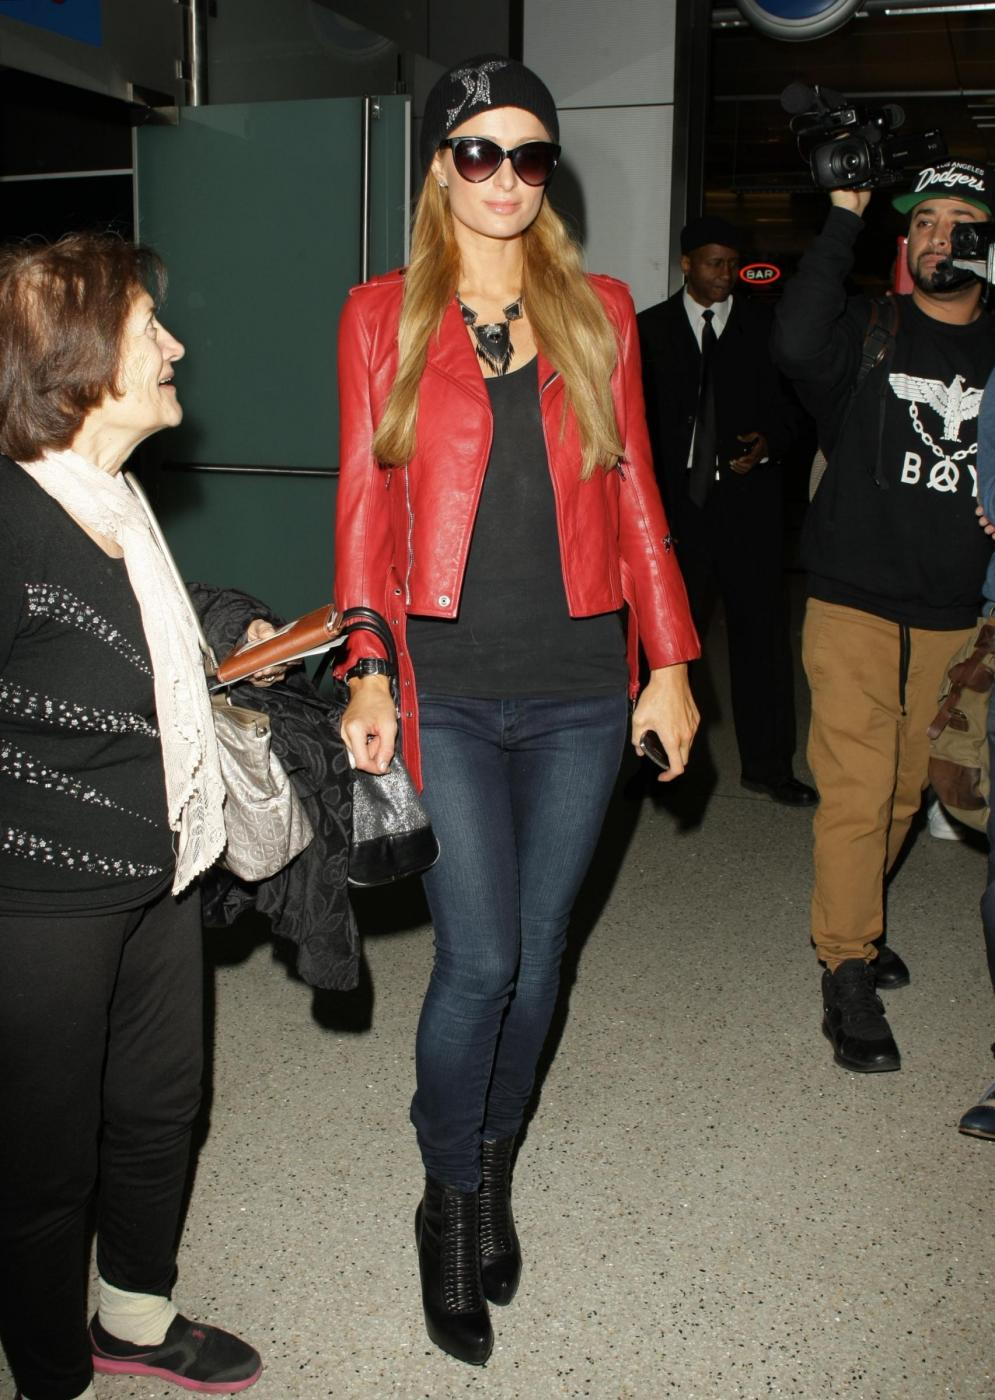 Paris Hilton in giacca di pelle rossa all'aeroporto01